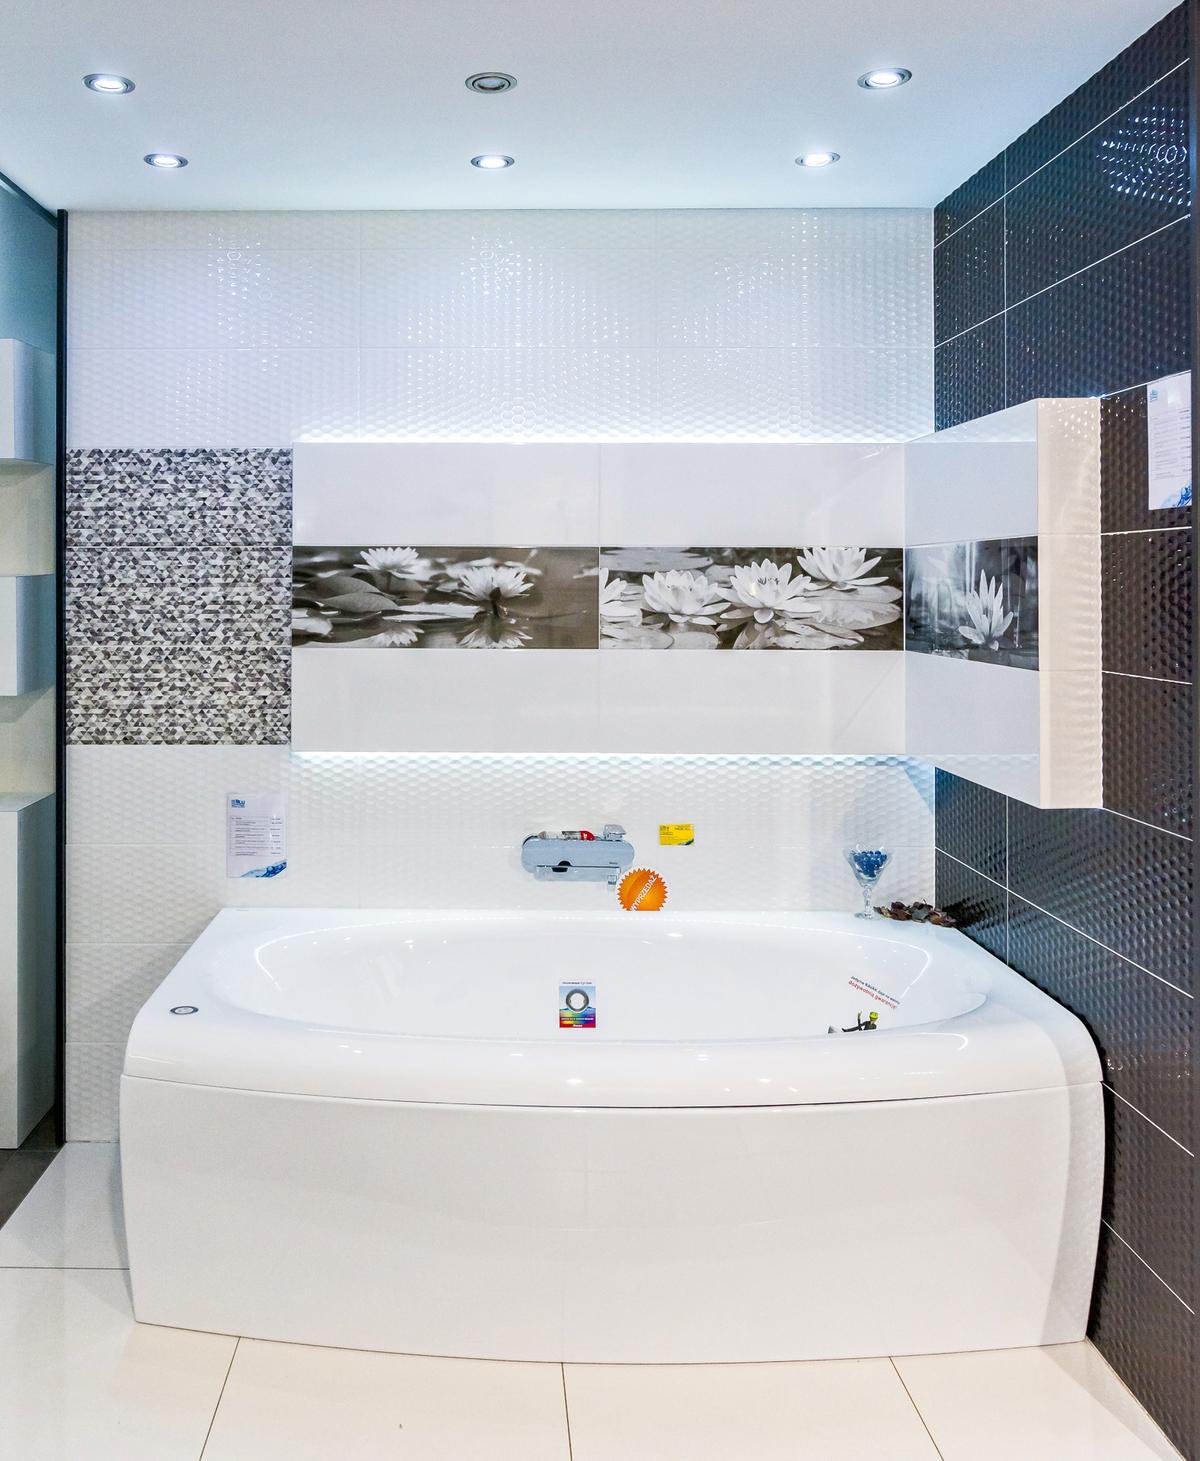 Duża, wygodna wanna w ofercie salonu Blu w Cieszynie - zdjęcie od BLU salon łazienek Cieszyn